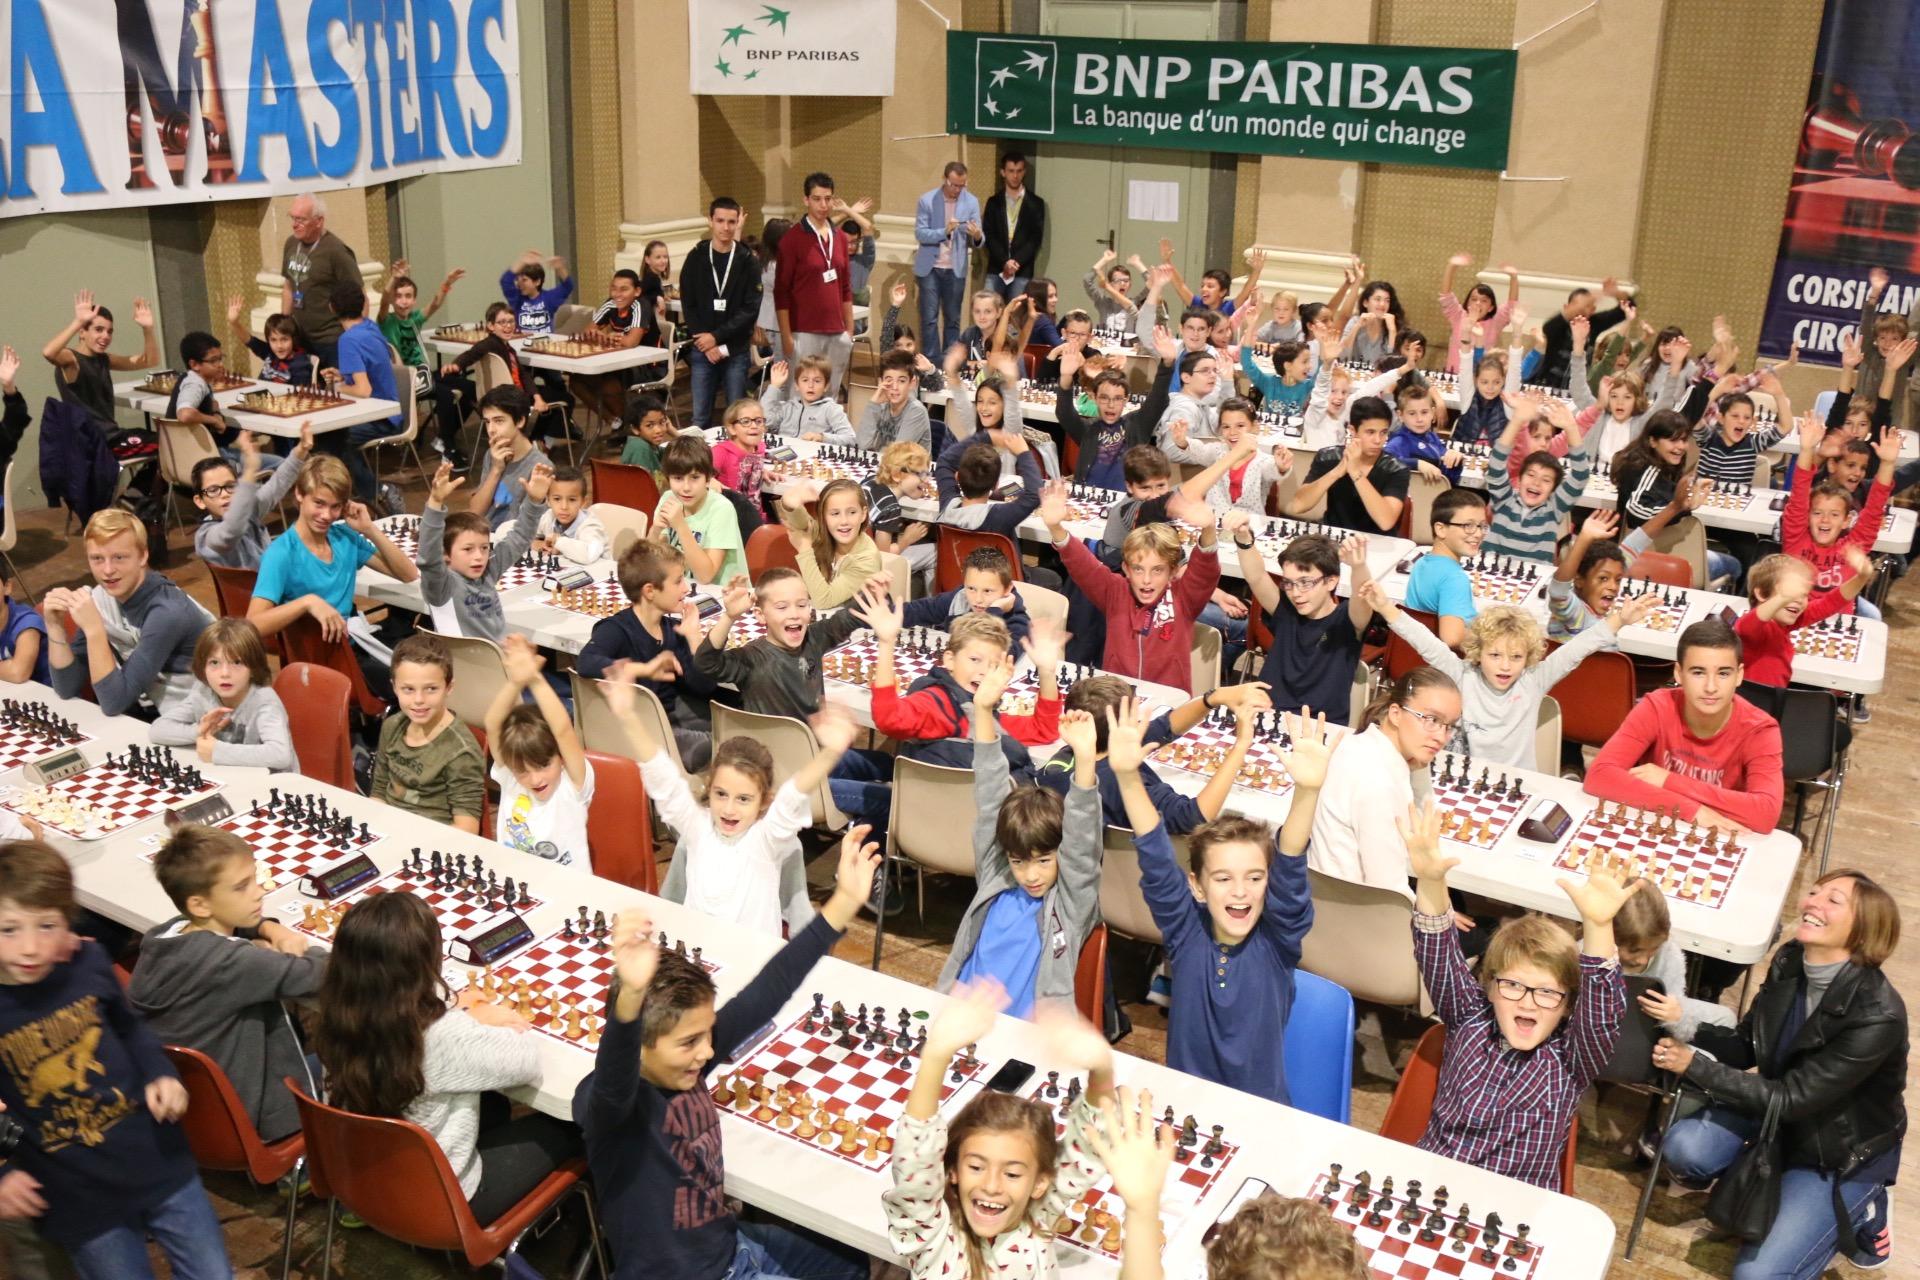 Victoire de Nabil Bouslimi au Trophée BNP Paribas des jeunes d'Aiacciu